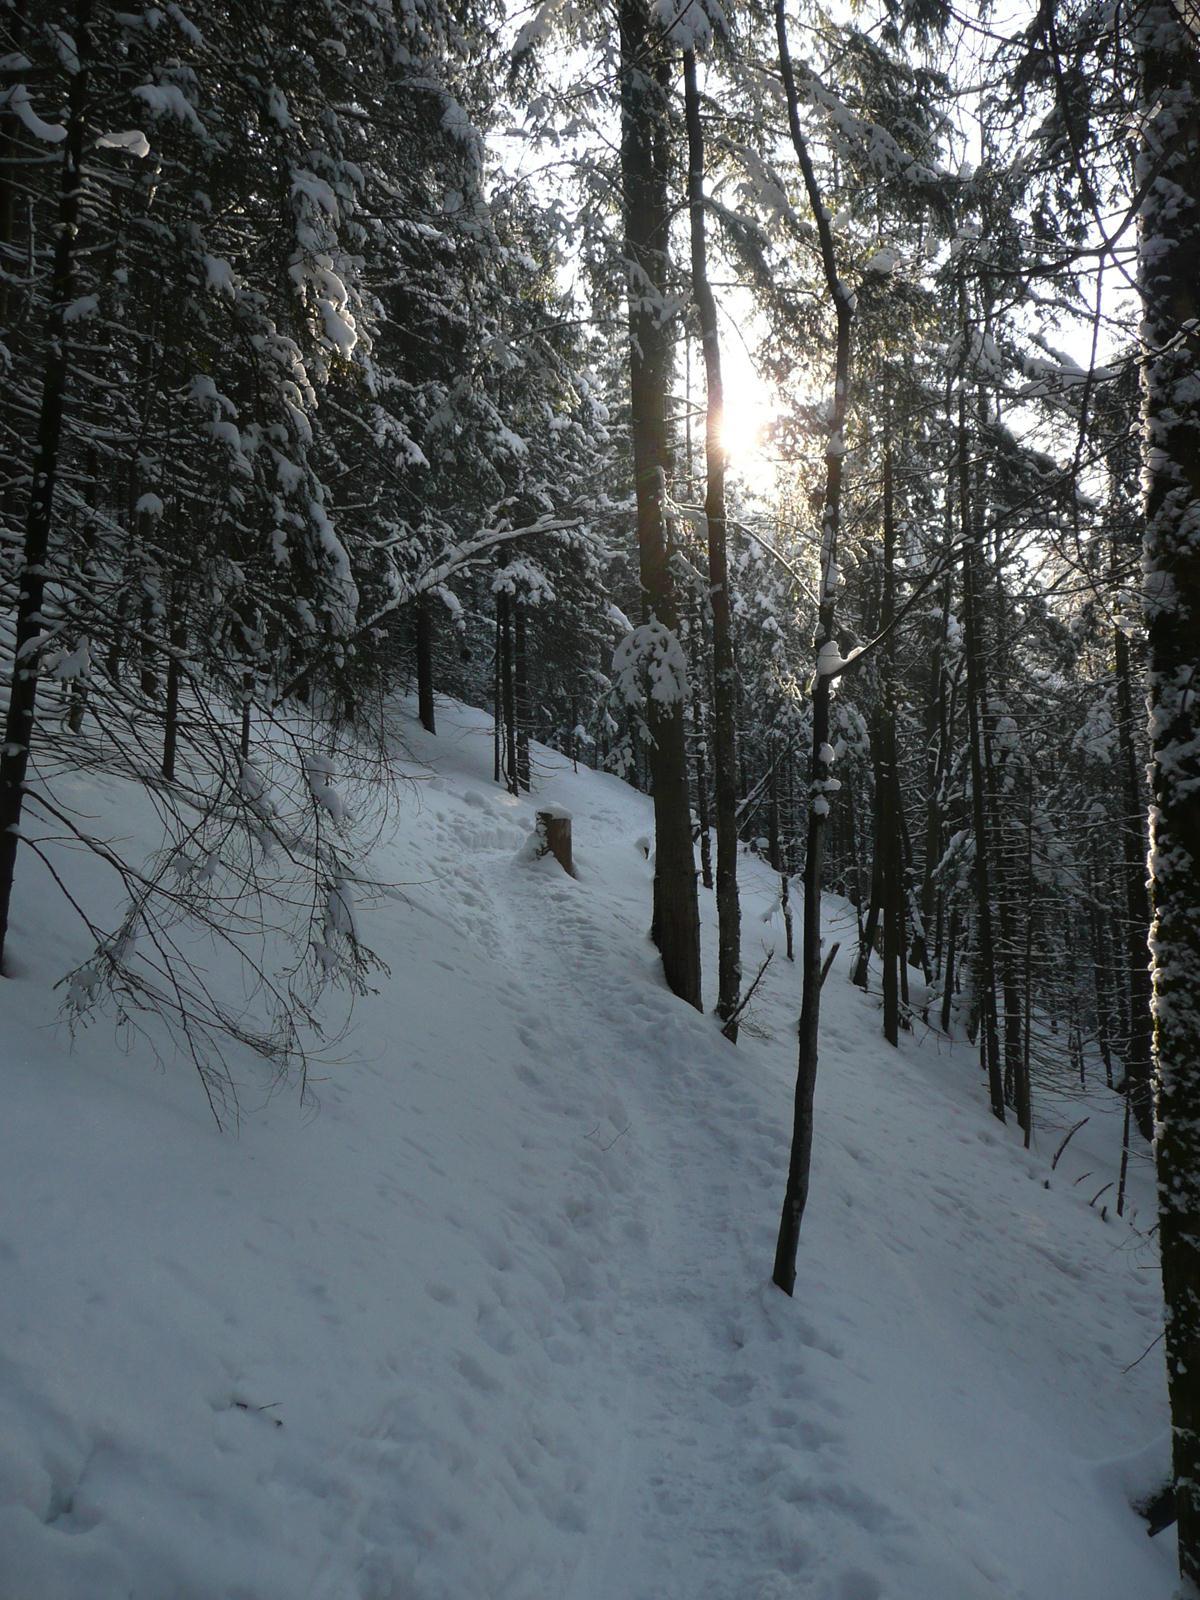 Winterwanderung in Bayern: Hinauf zum Seekrarer am Schliersee